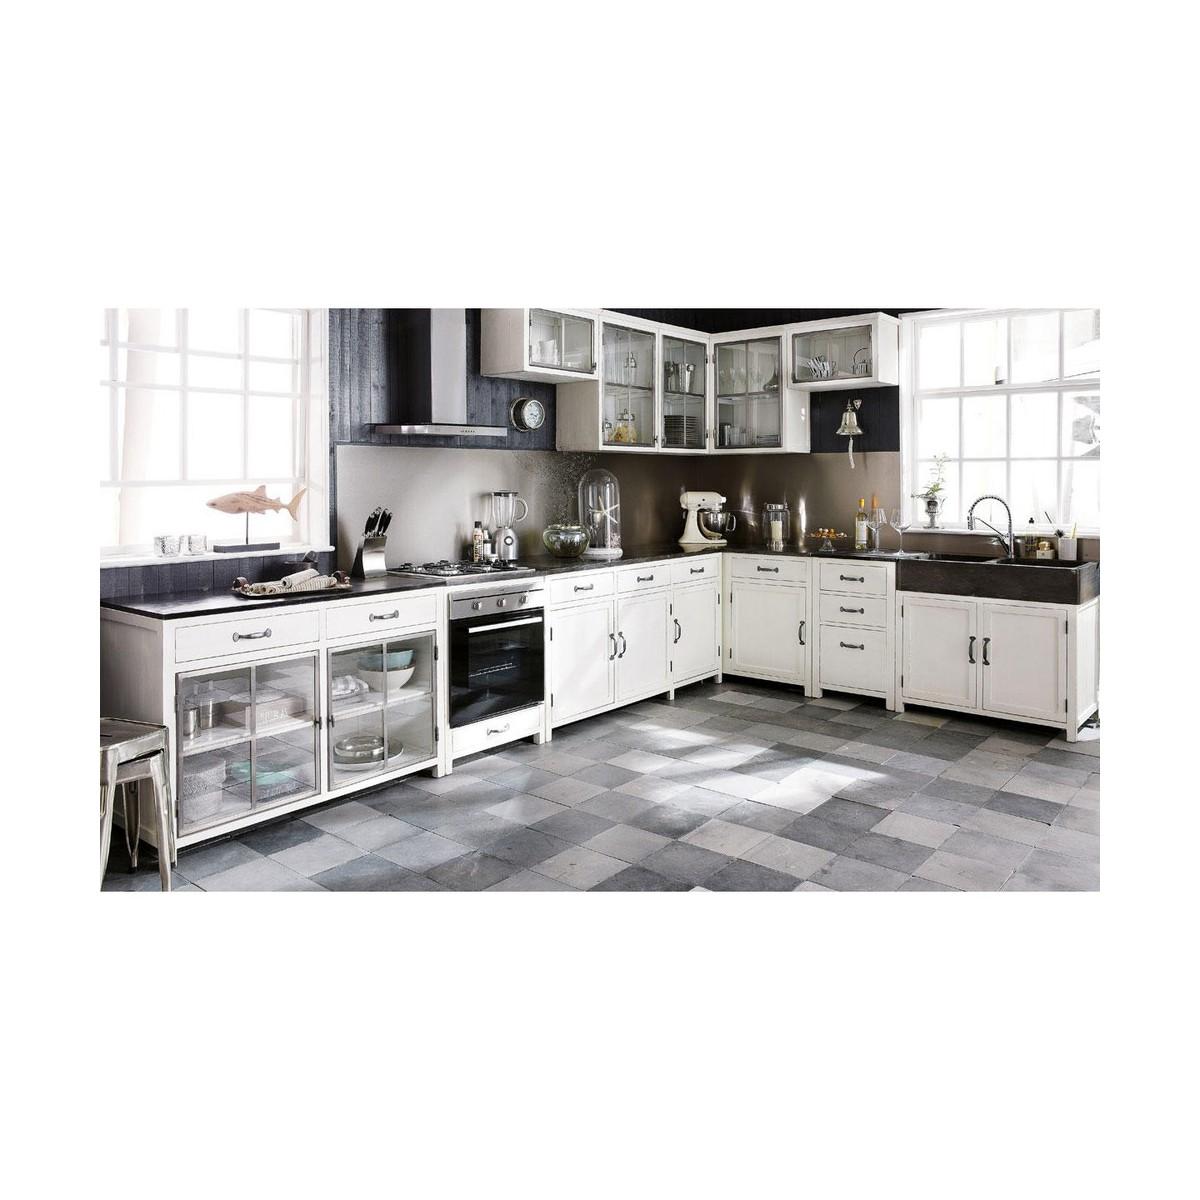 meuble haut d'angle de cuisine ouverture gauche en bois recyclé ... - Meuble Haut D Angle Cuisine